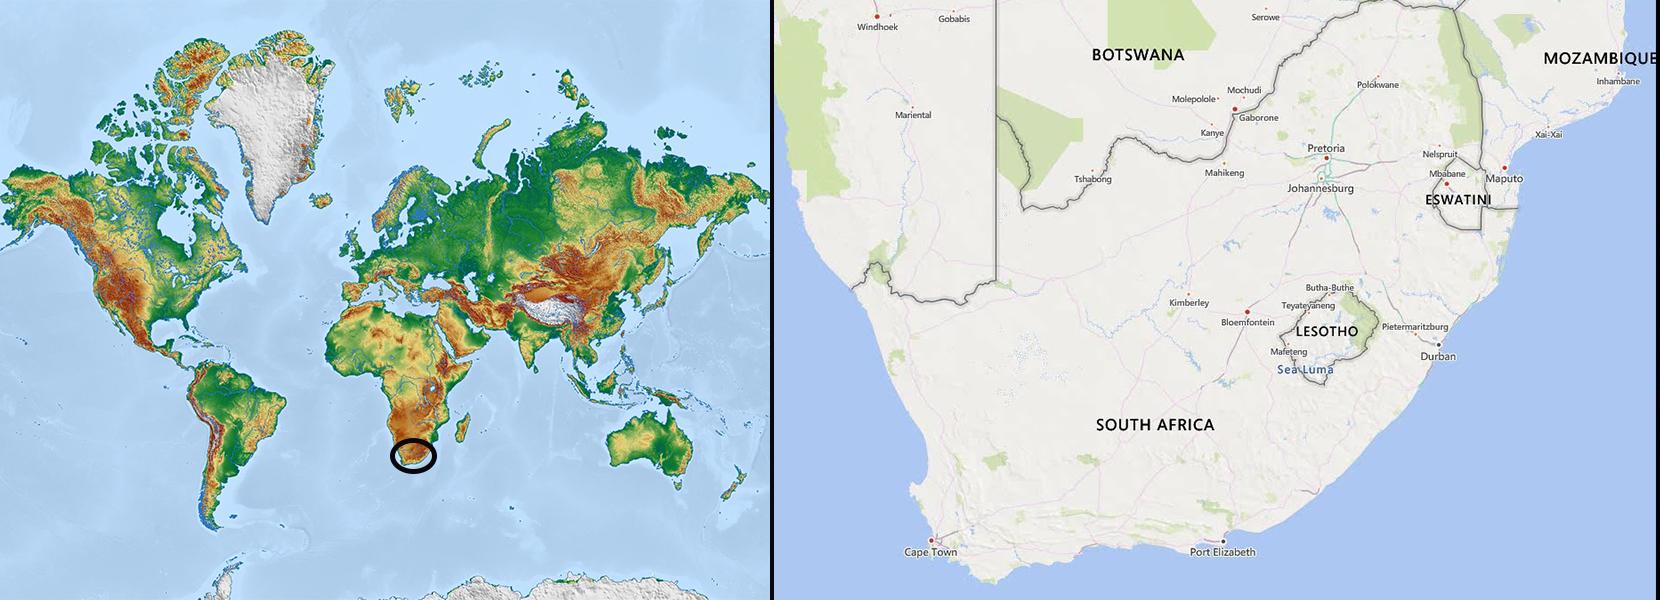 Mapa mundi+sudafrica